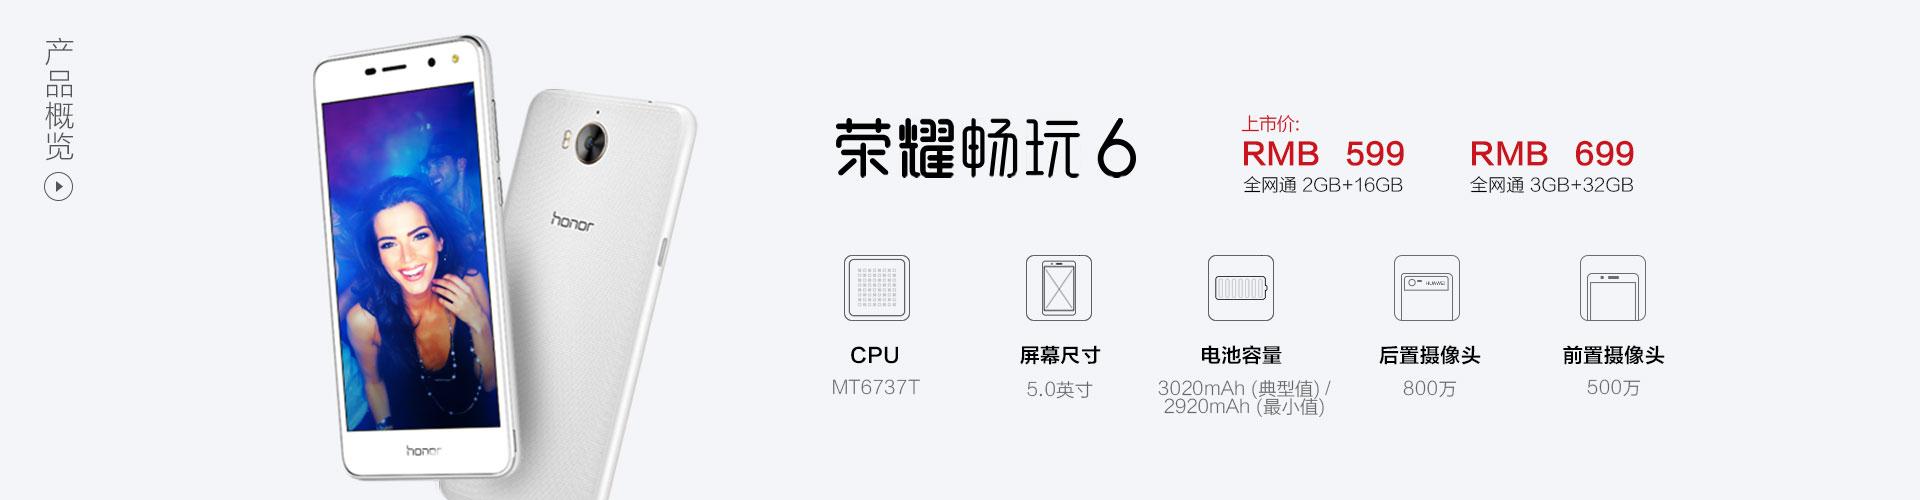 详情页-畅玩6_02.jpg